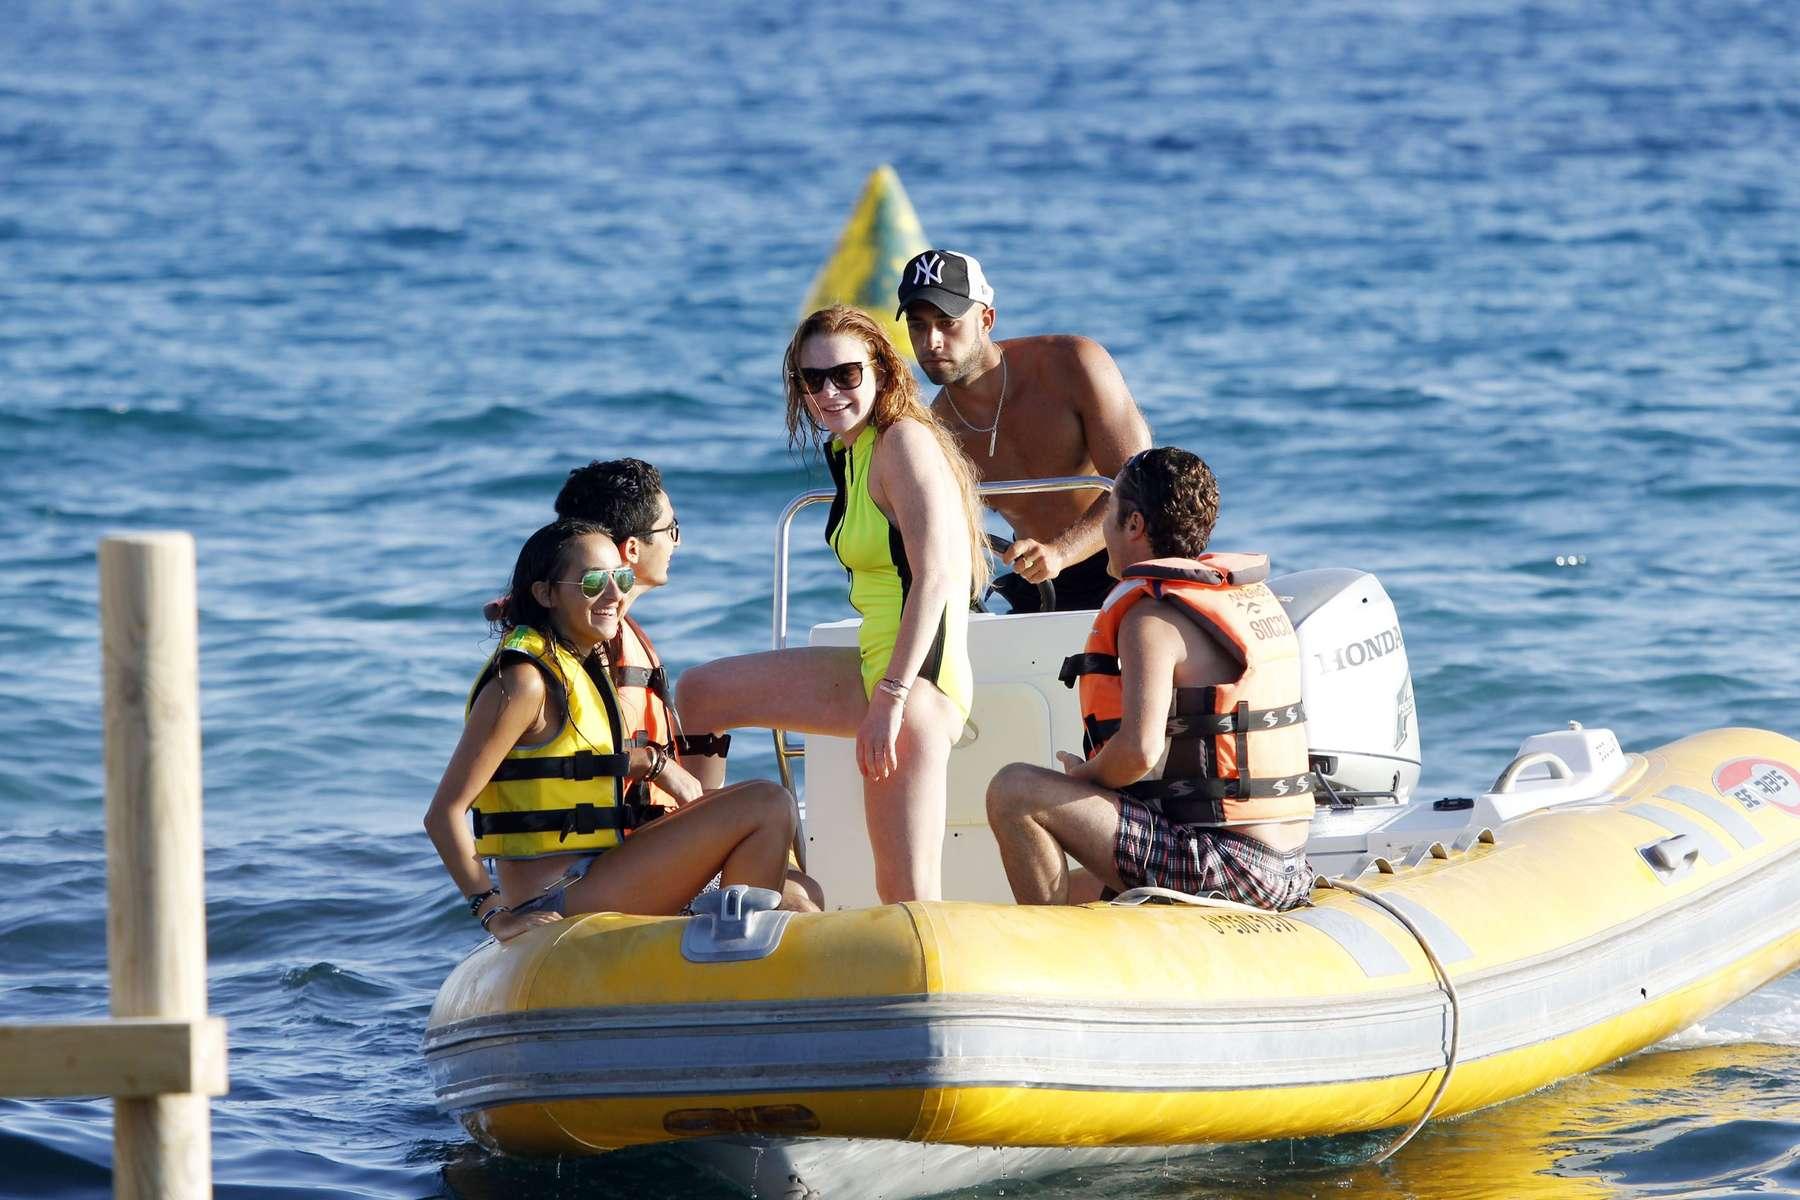 Lindsay Lohan 2014 : Lindsay Lohan In Neon Yellow Swimsuit -10